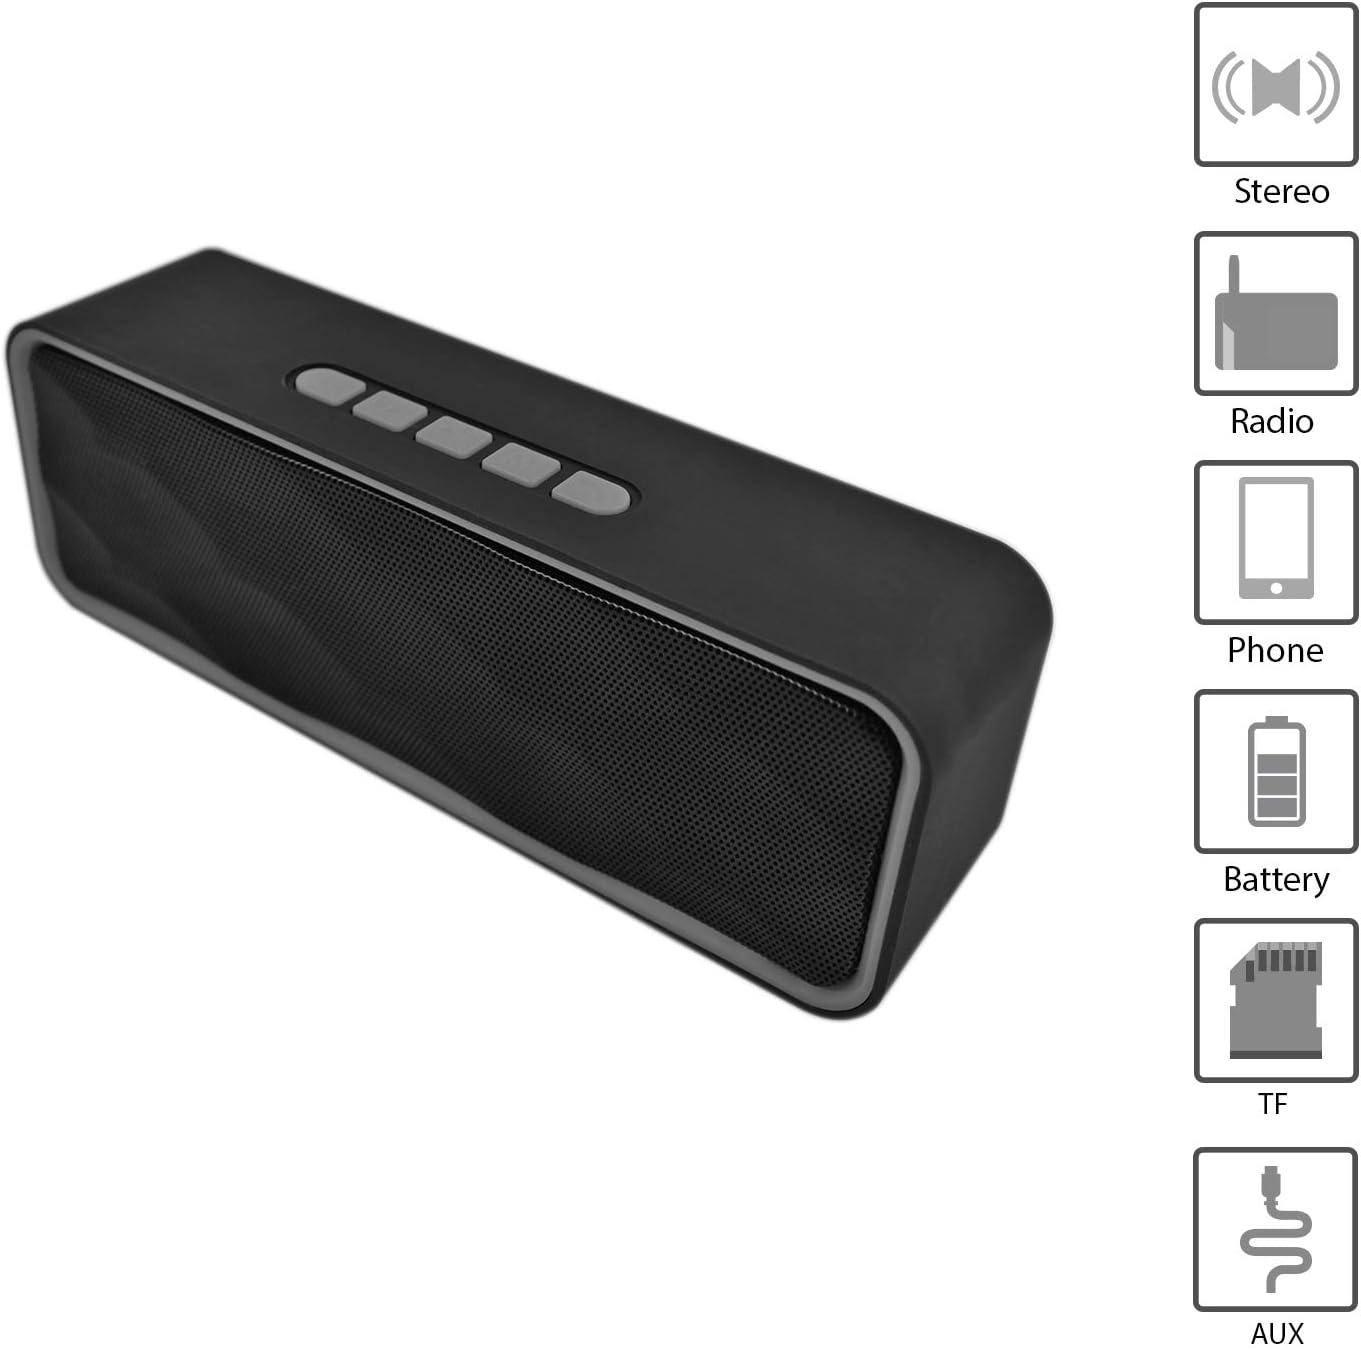 Altavoz portátil Bluetooth. Altavoz Bluetooth con Radio, USB y Ranura para Tarjeta TF. Altavoz inalámbrico Bluetooth pequeño estéreo. Altavoz portátil Potente para Disfrutar en Cualquier Lugar.